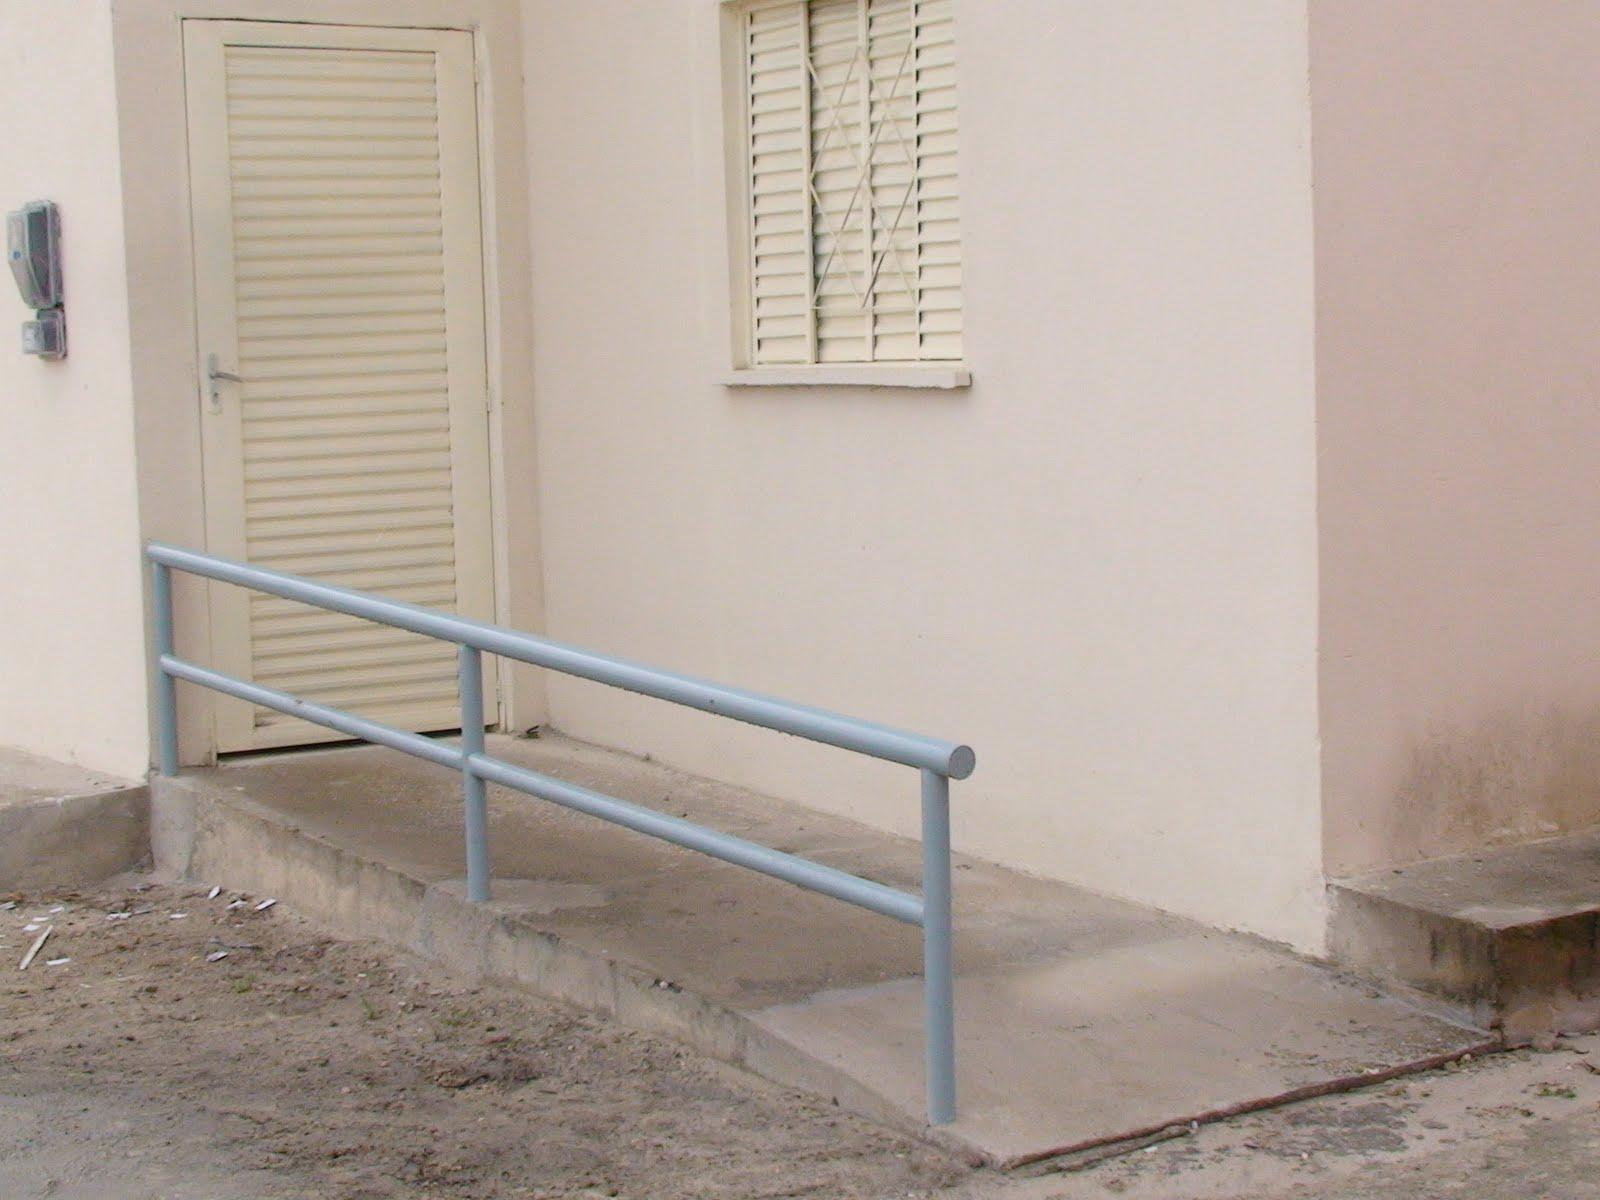 Imagens de #443528 Sorteio das residências do programa minha casa minha vida foi  1600x1200 px 3474 Bloco Autocad Banheiro Cadeirante